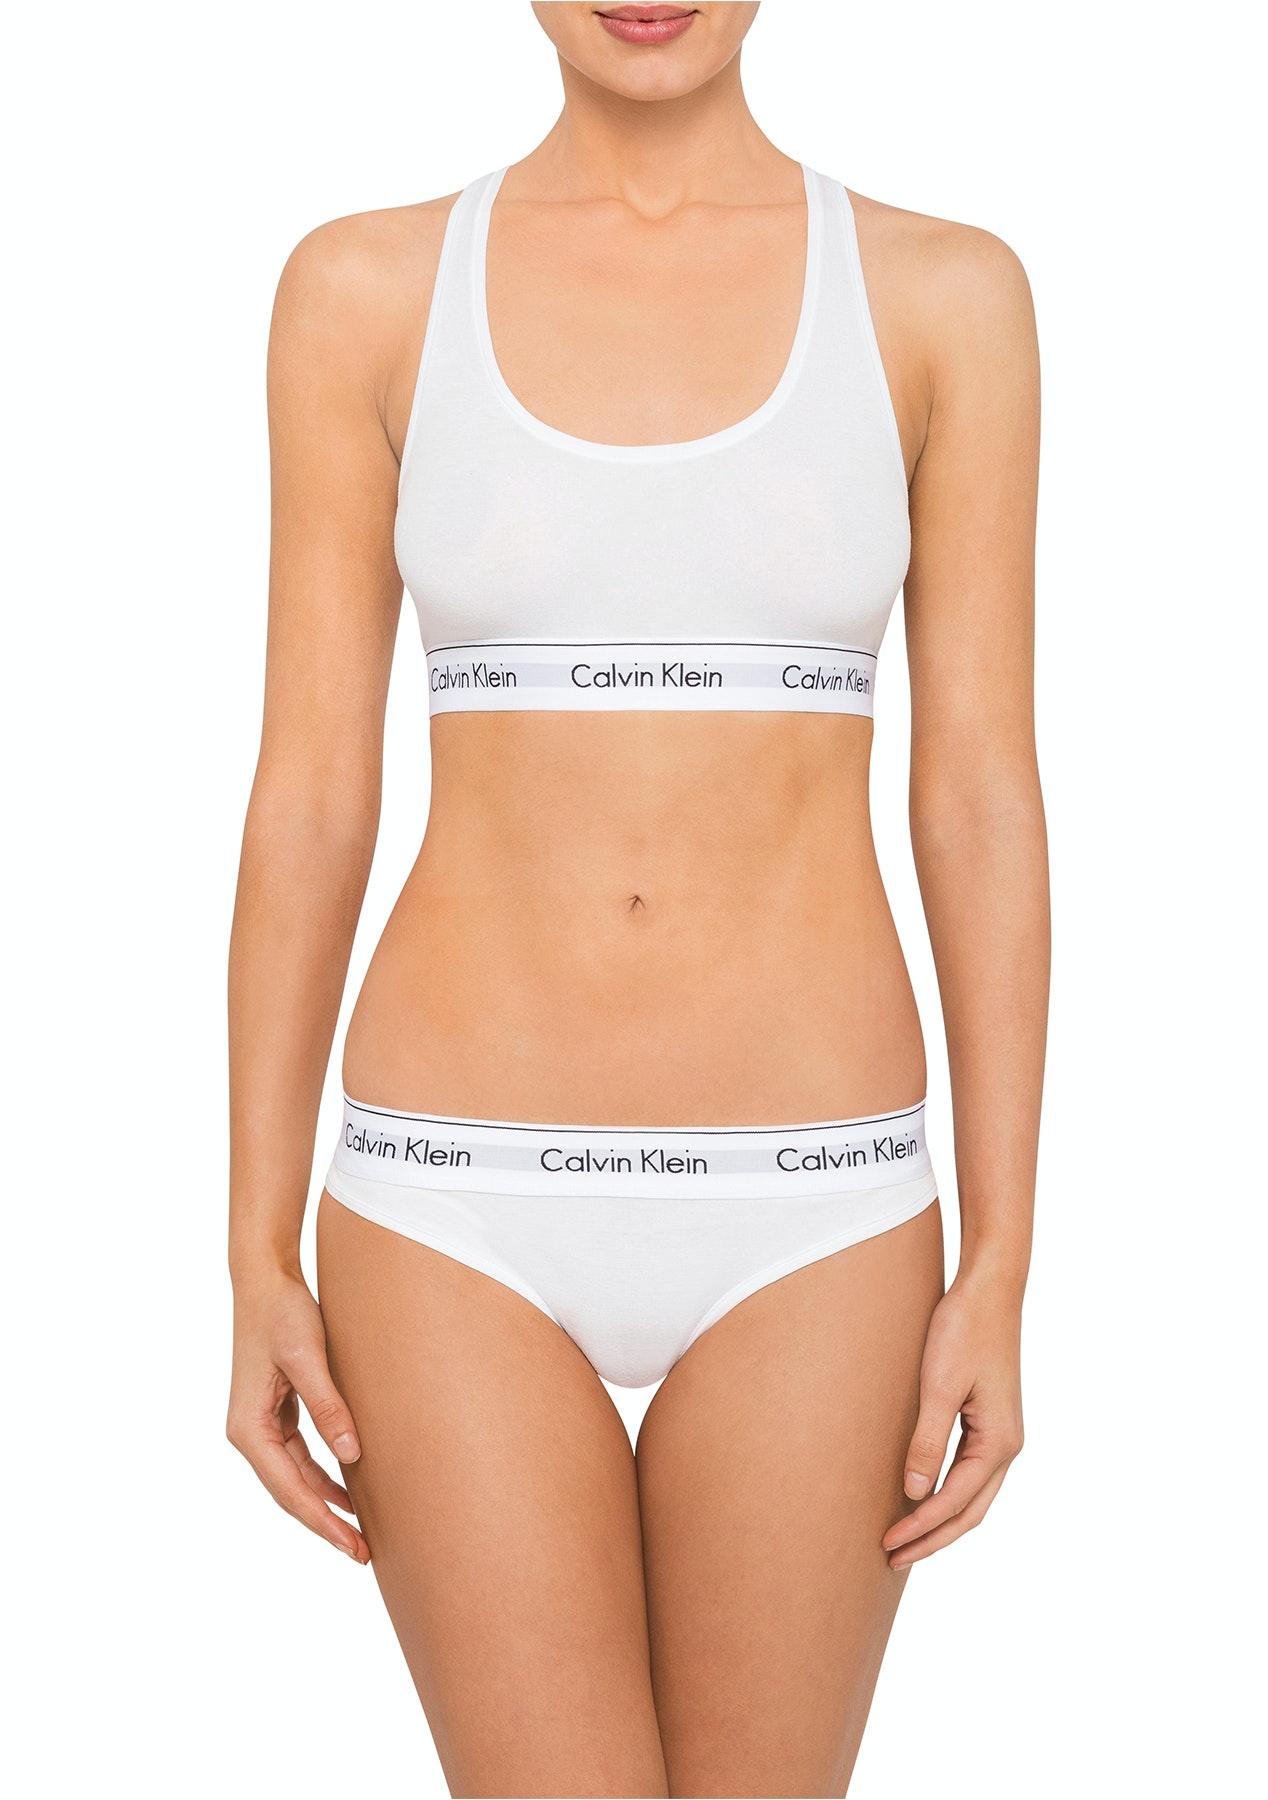 1df7505460 Calvin Klein - Modern Cotton Bralette   Bikini Set - White - Underwear  Outlet From  10 - Onceit